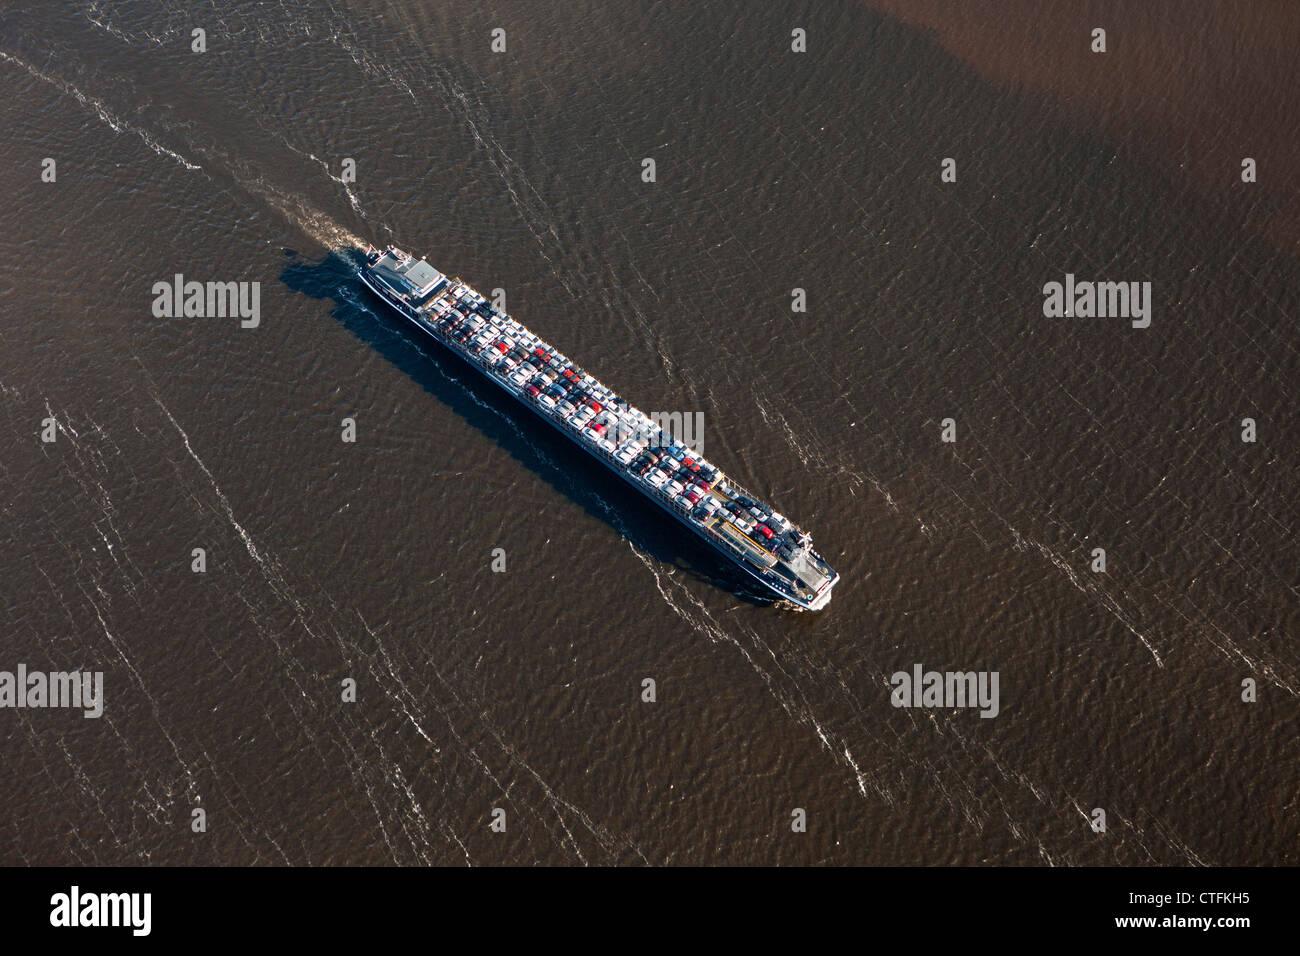 Les Pays-Bas, Willemstad, Rivière-bateau transportant des voitures. Vue aérienne. Photo Stock